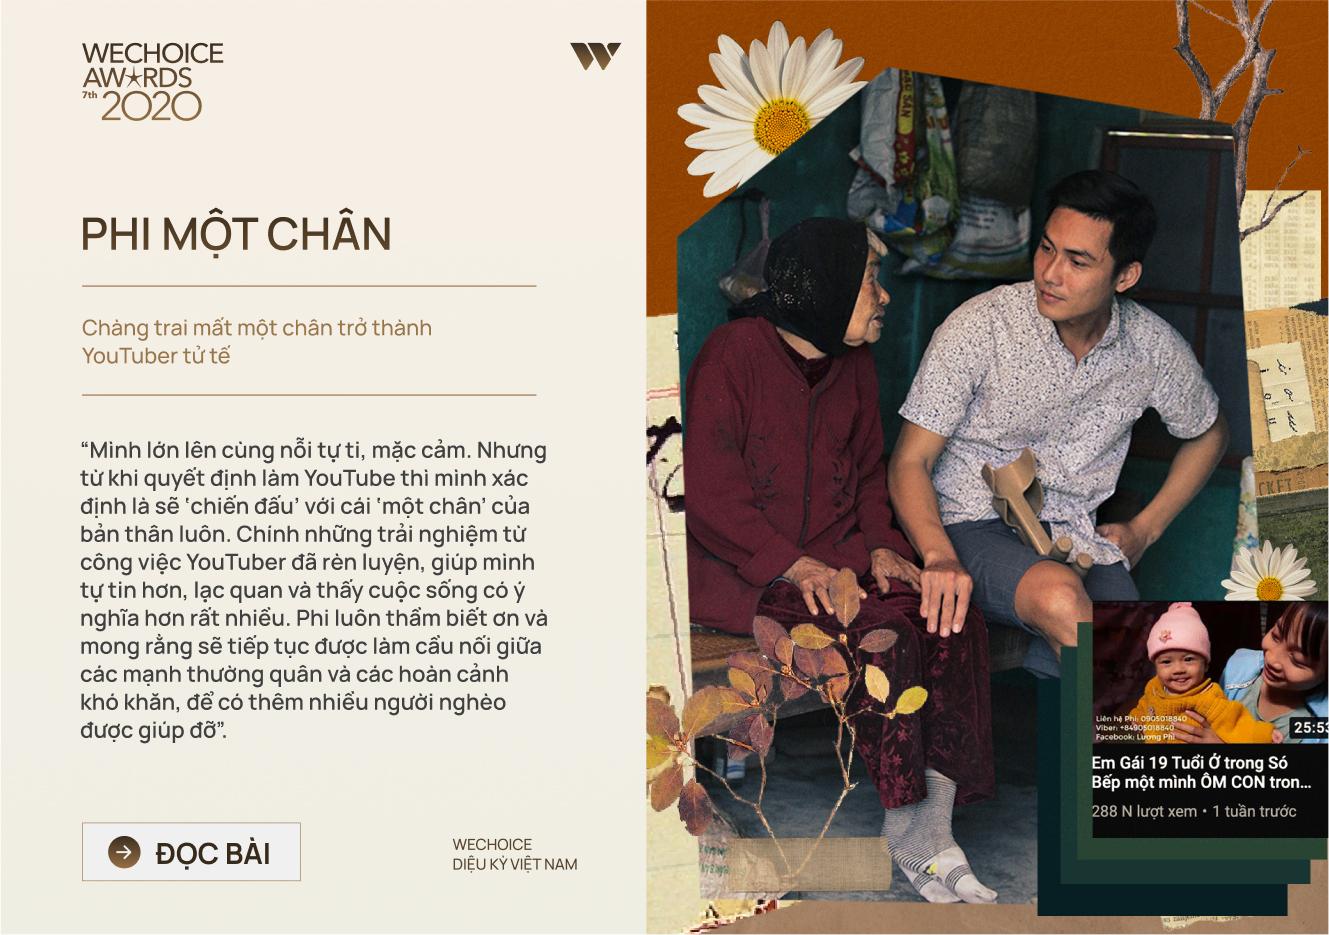 20 đề cử nhân vật truyền cảm hứng của WeChoice Awards 2020: Những câu chuyện tạo nên Diệu kỳ Việt Nam - Ảnh 15.